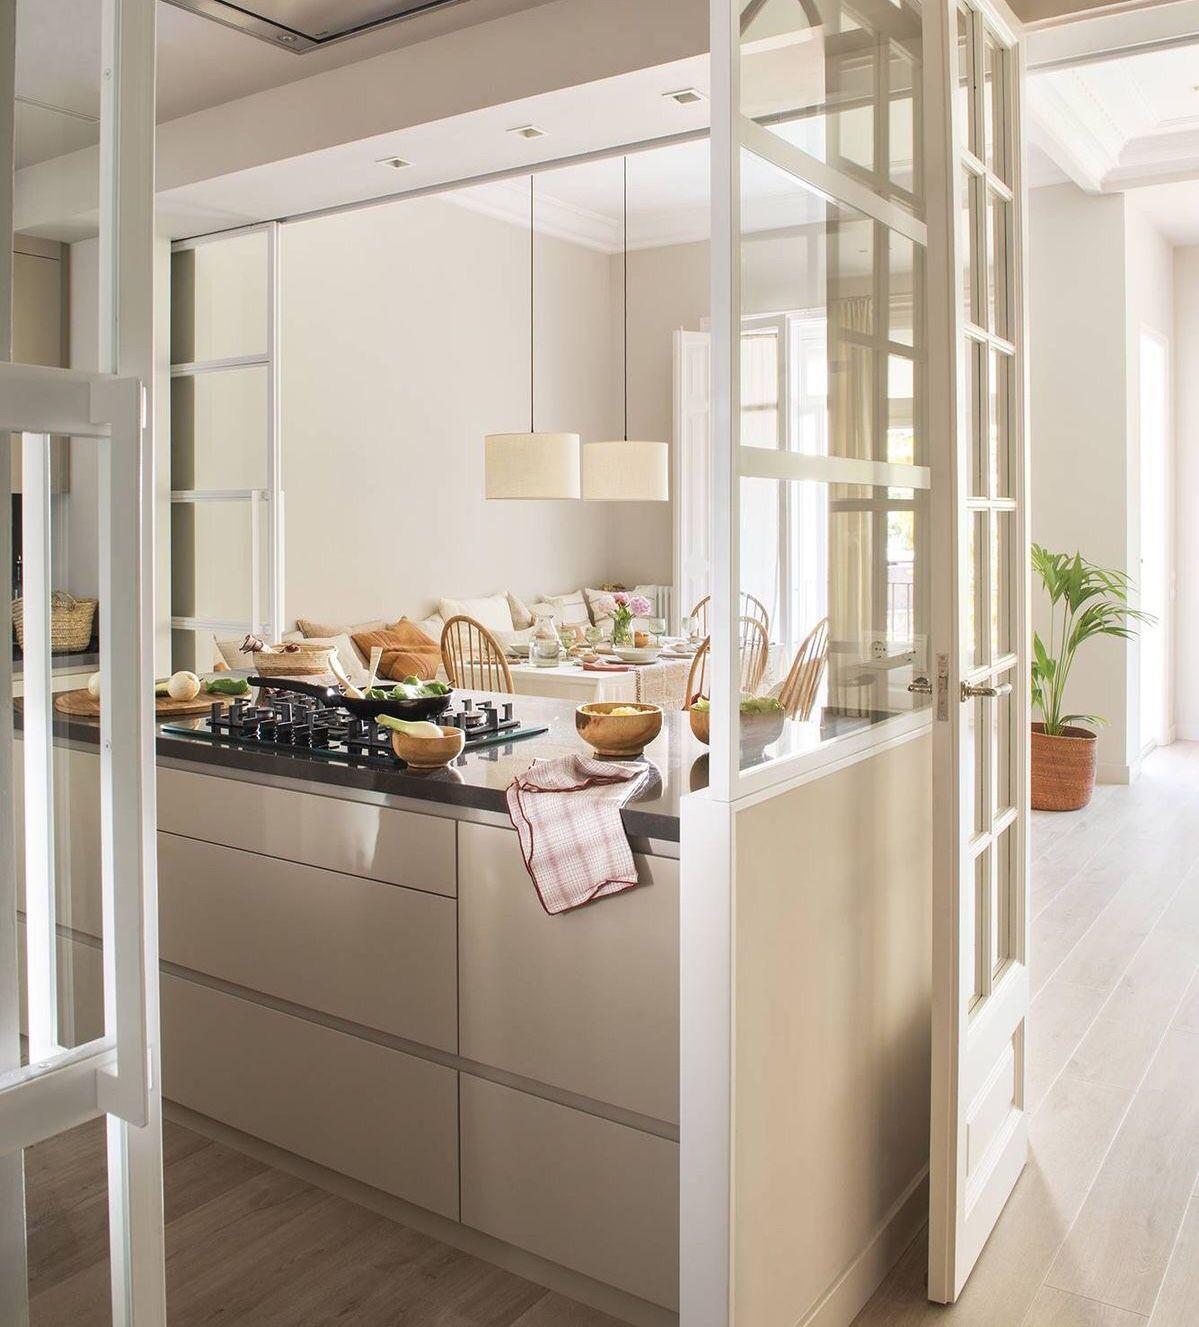 Pin de Melanie Le gouguec en Cocina  Cocinas abiertas, Cocina